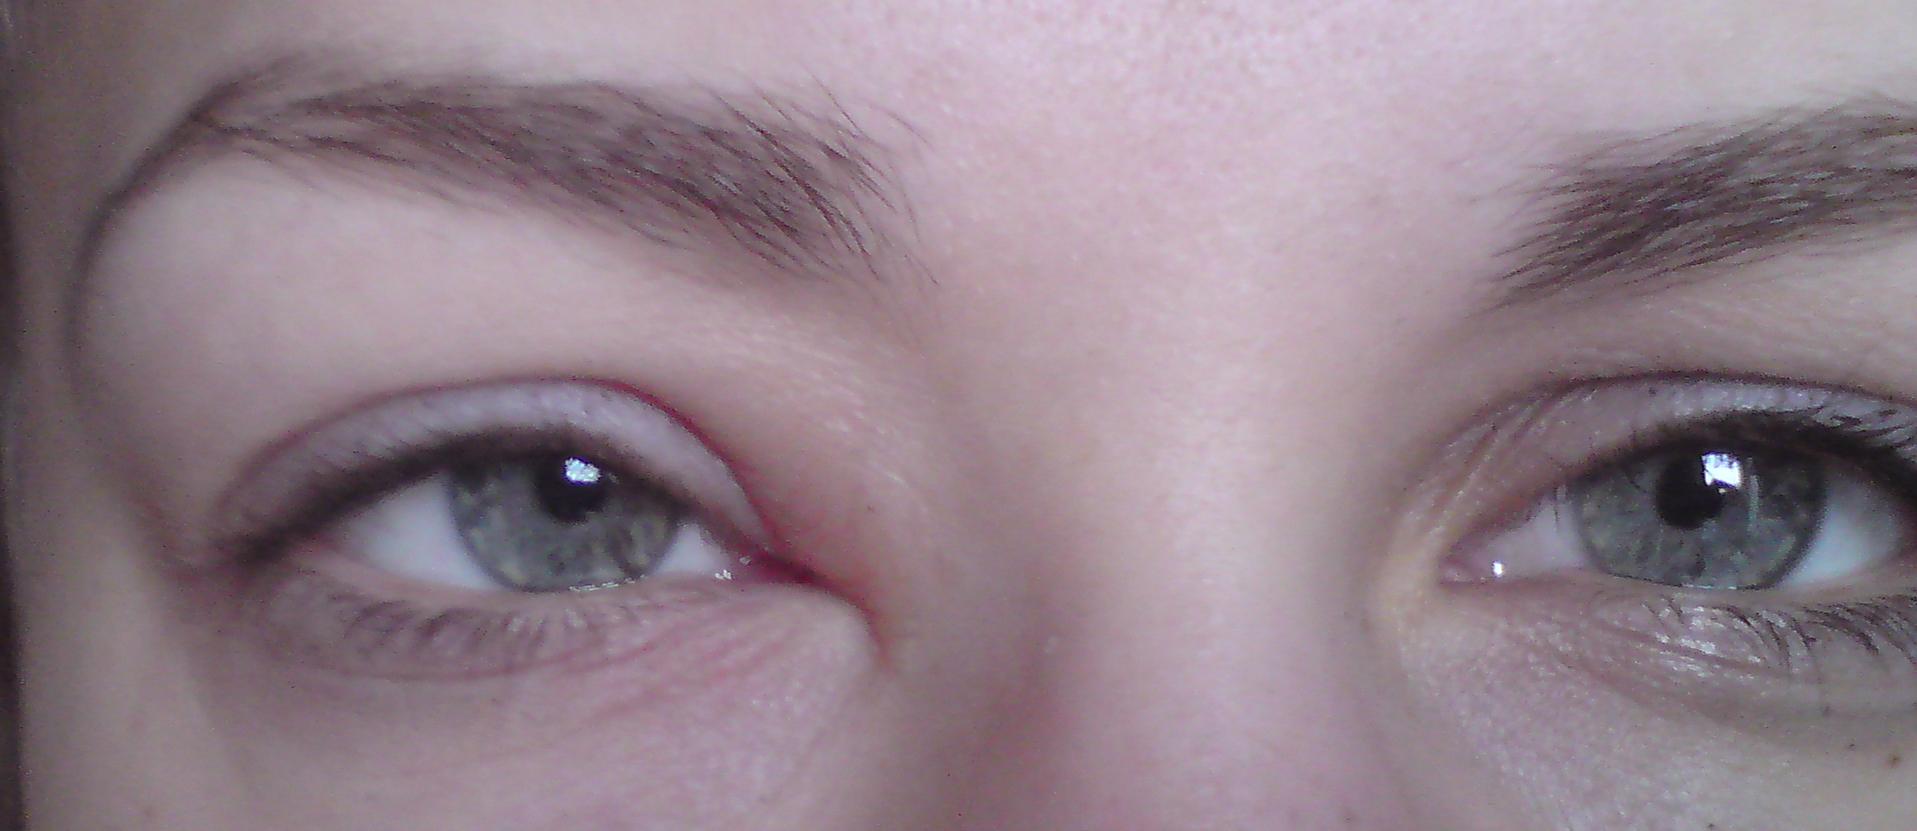 röd och svullen runt ögonen